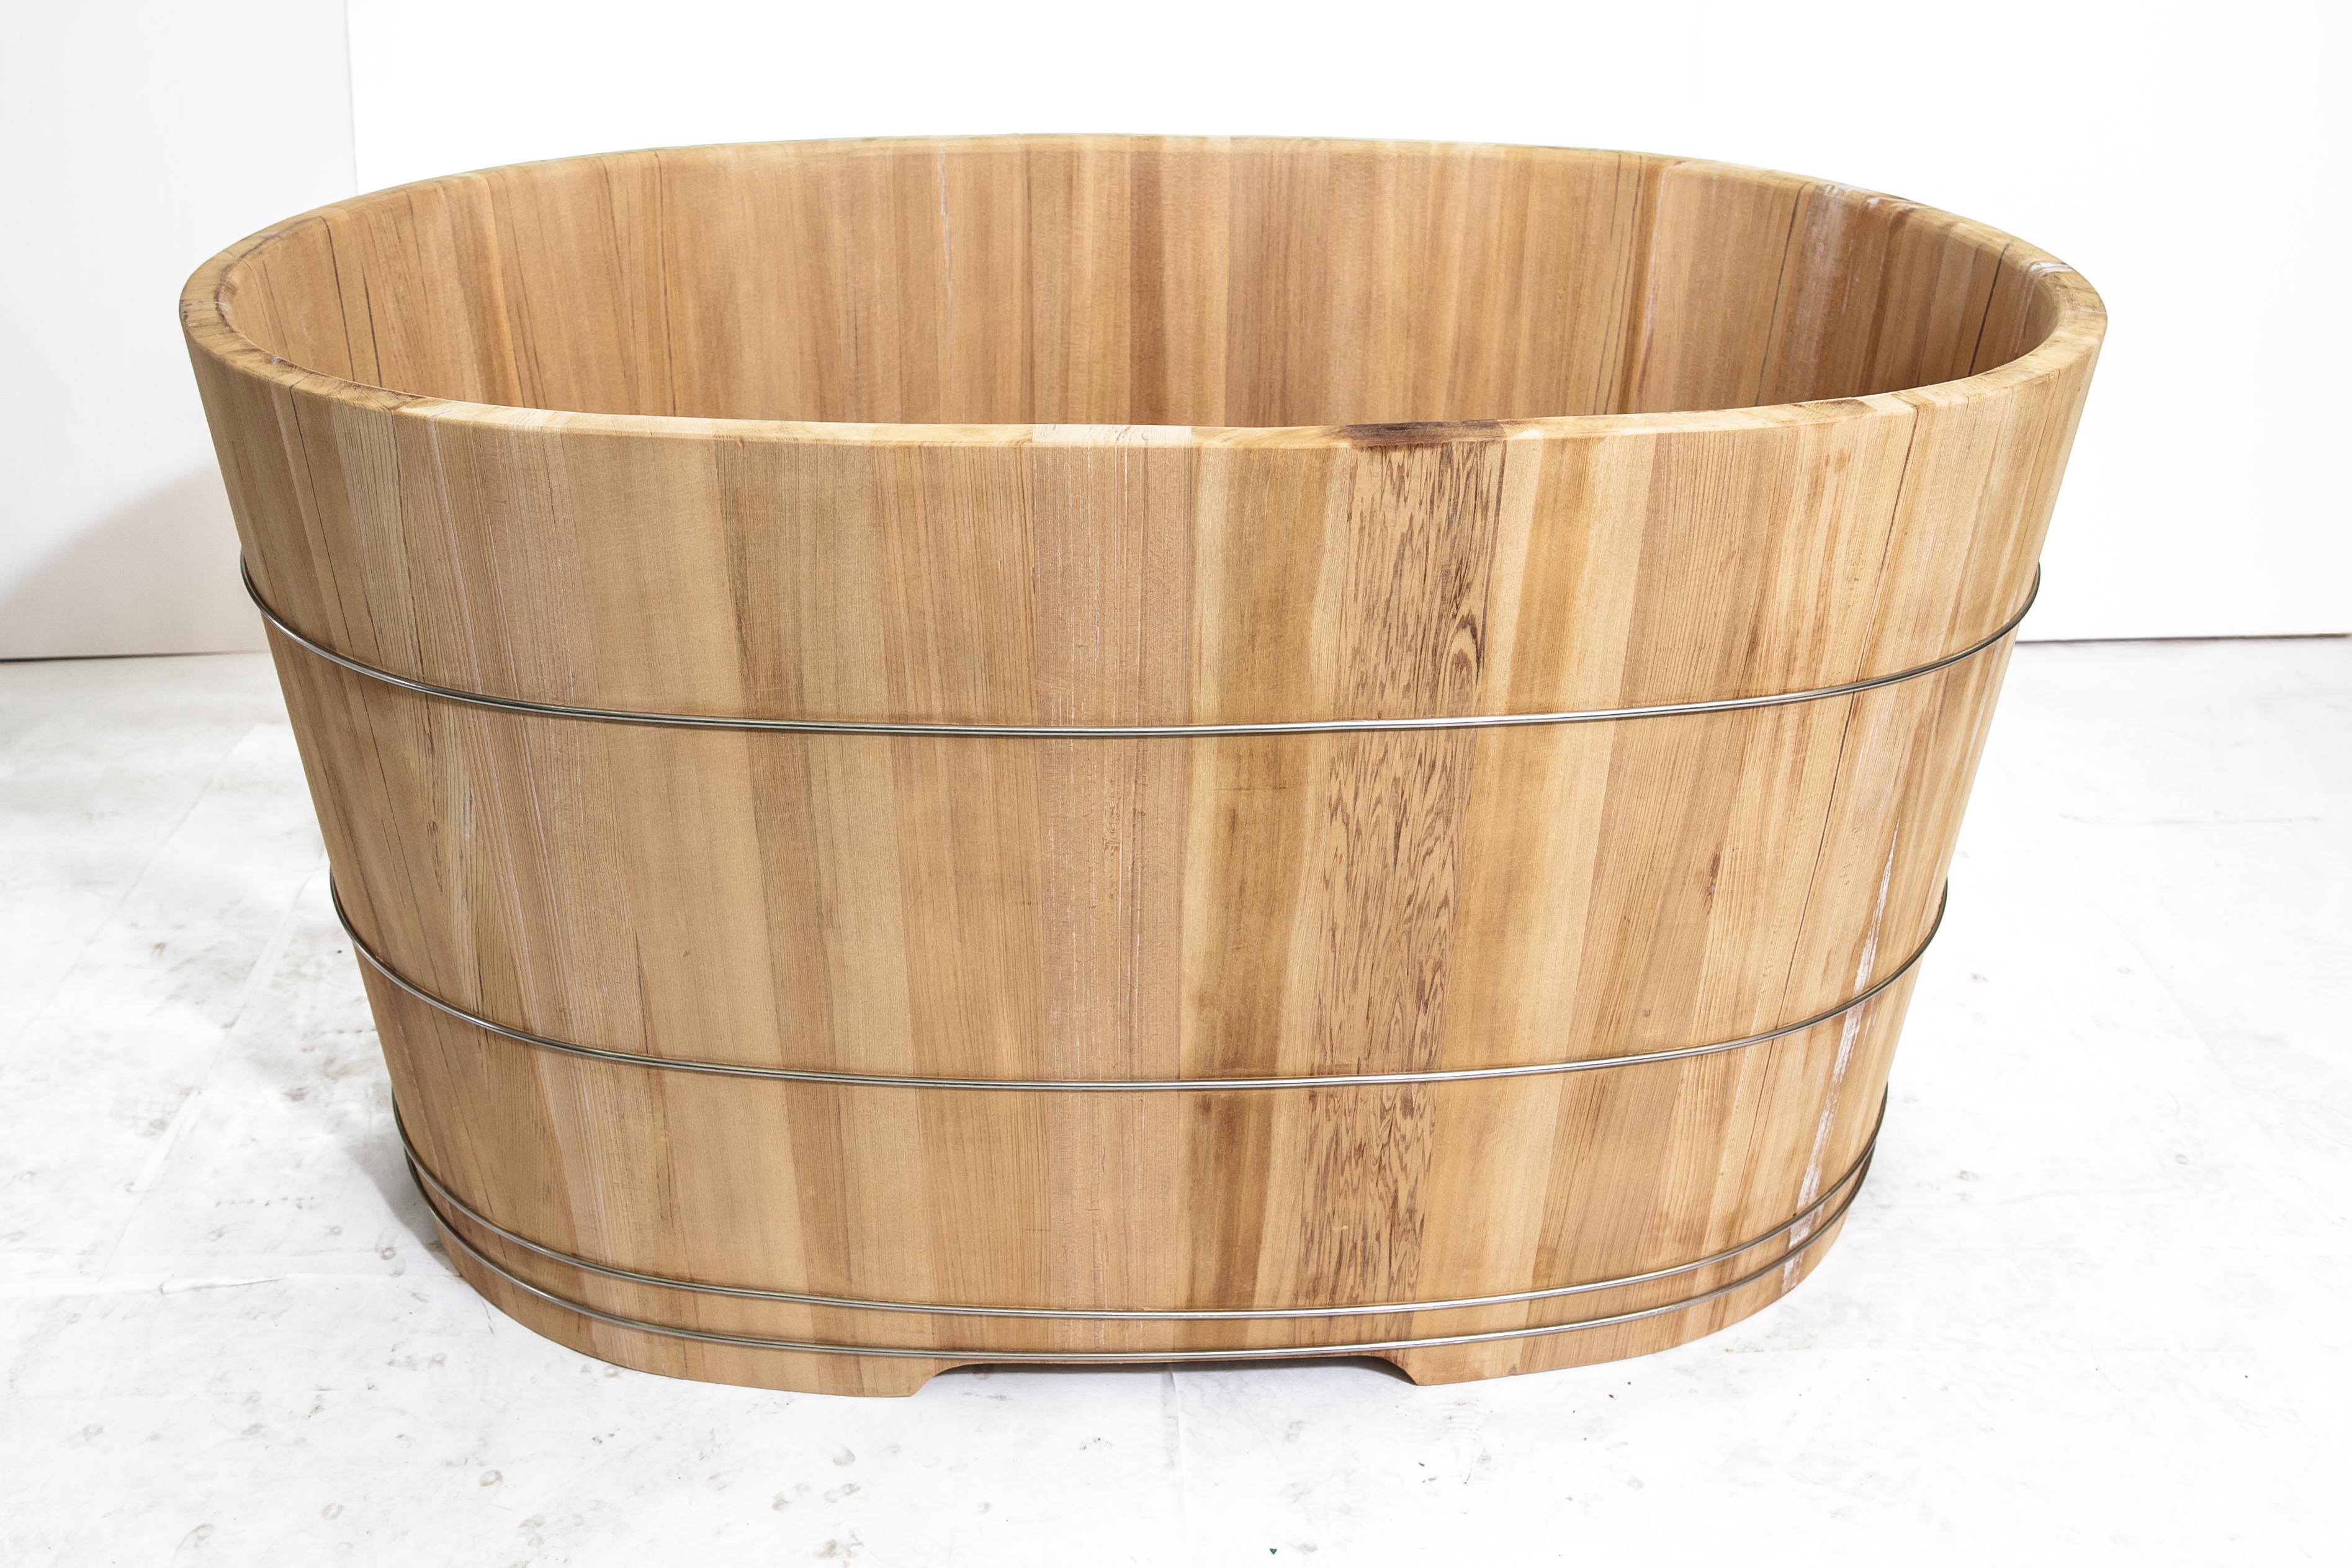 泡澡幫助血液循環 檜木檜木桶 泡澡桶106公分長(兩人份尺寸) )台灣第一領導品牌-雅典木桶 木浴缸、方形木桶、泡腳桶、蒸腳桶、蒸氣烤箱